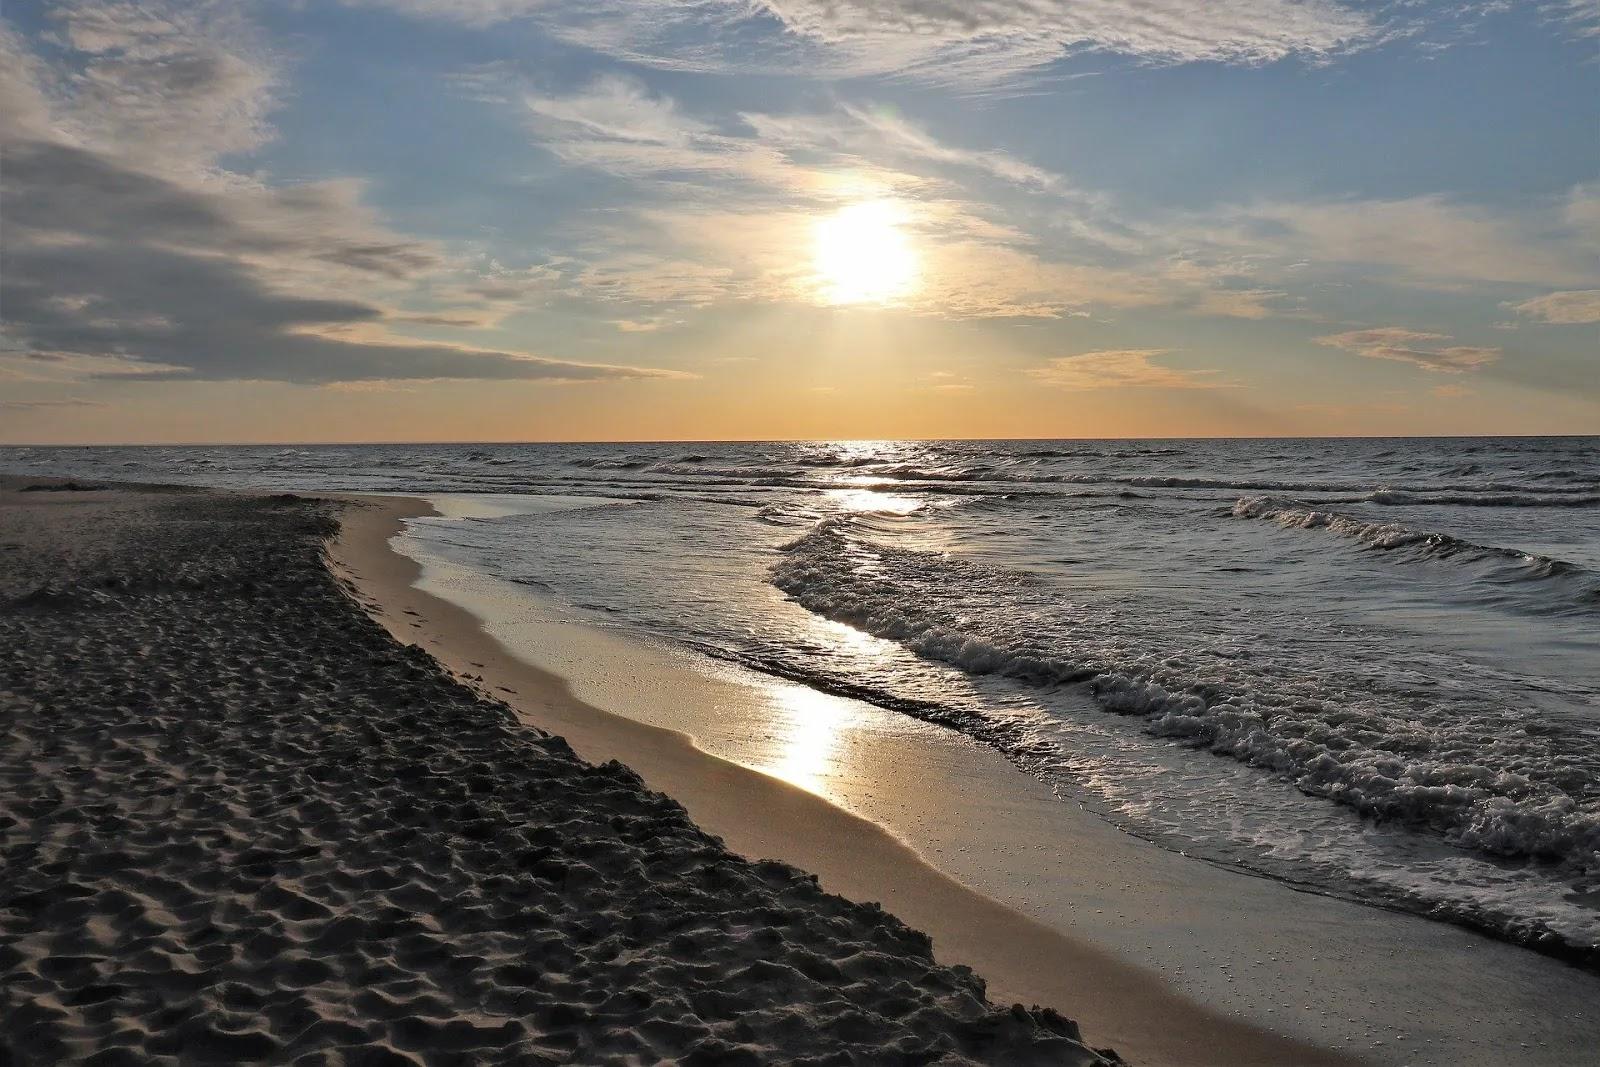 أفضل خلفية كمبيوتر للبحر والشمس